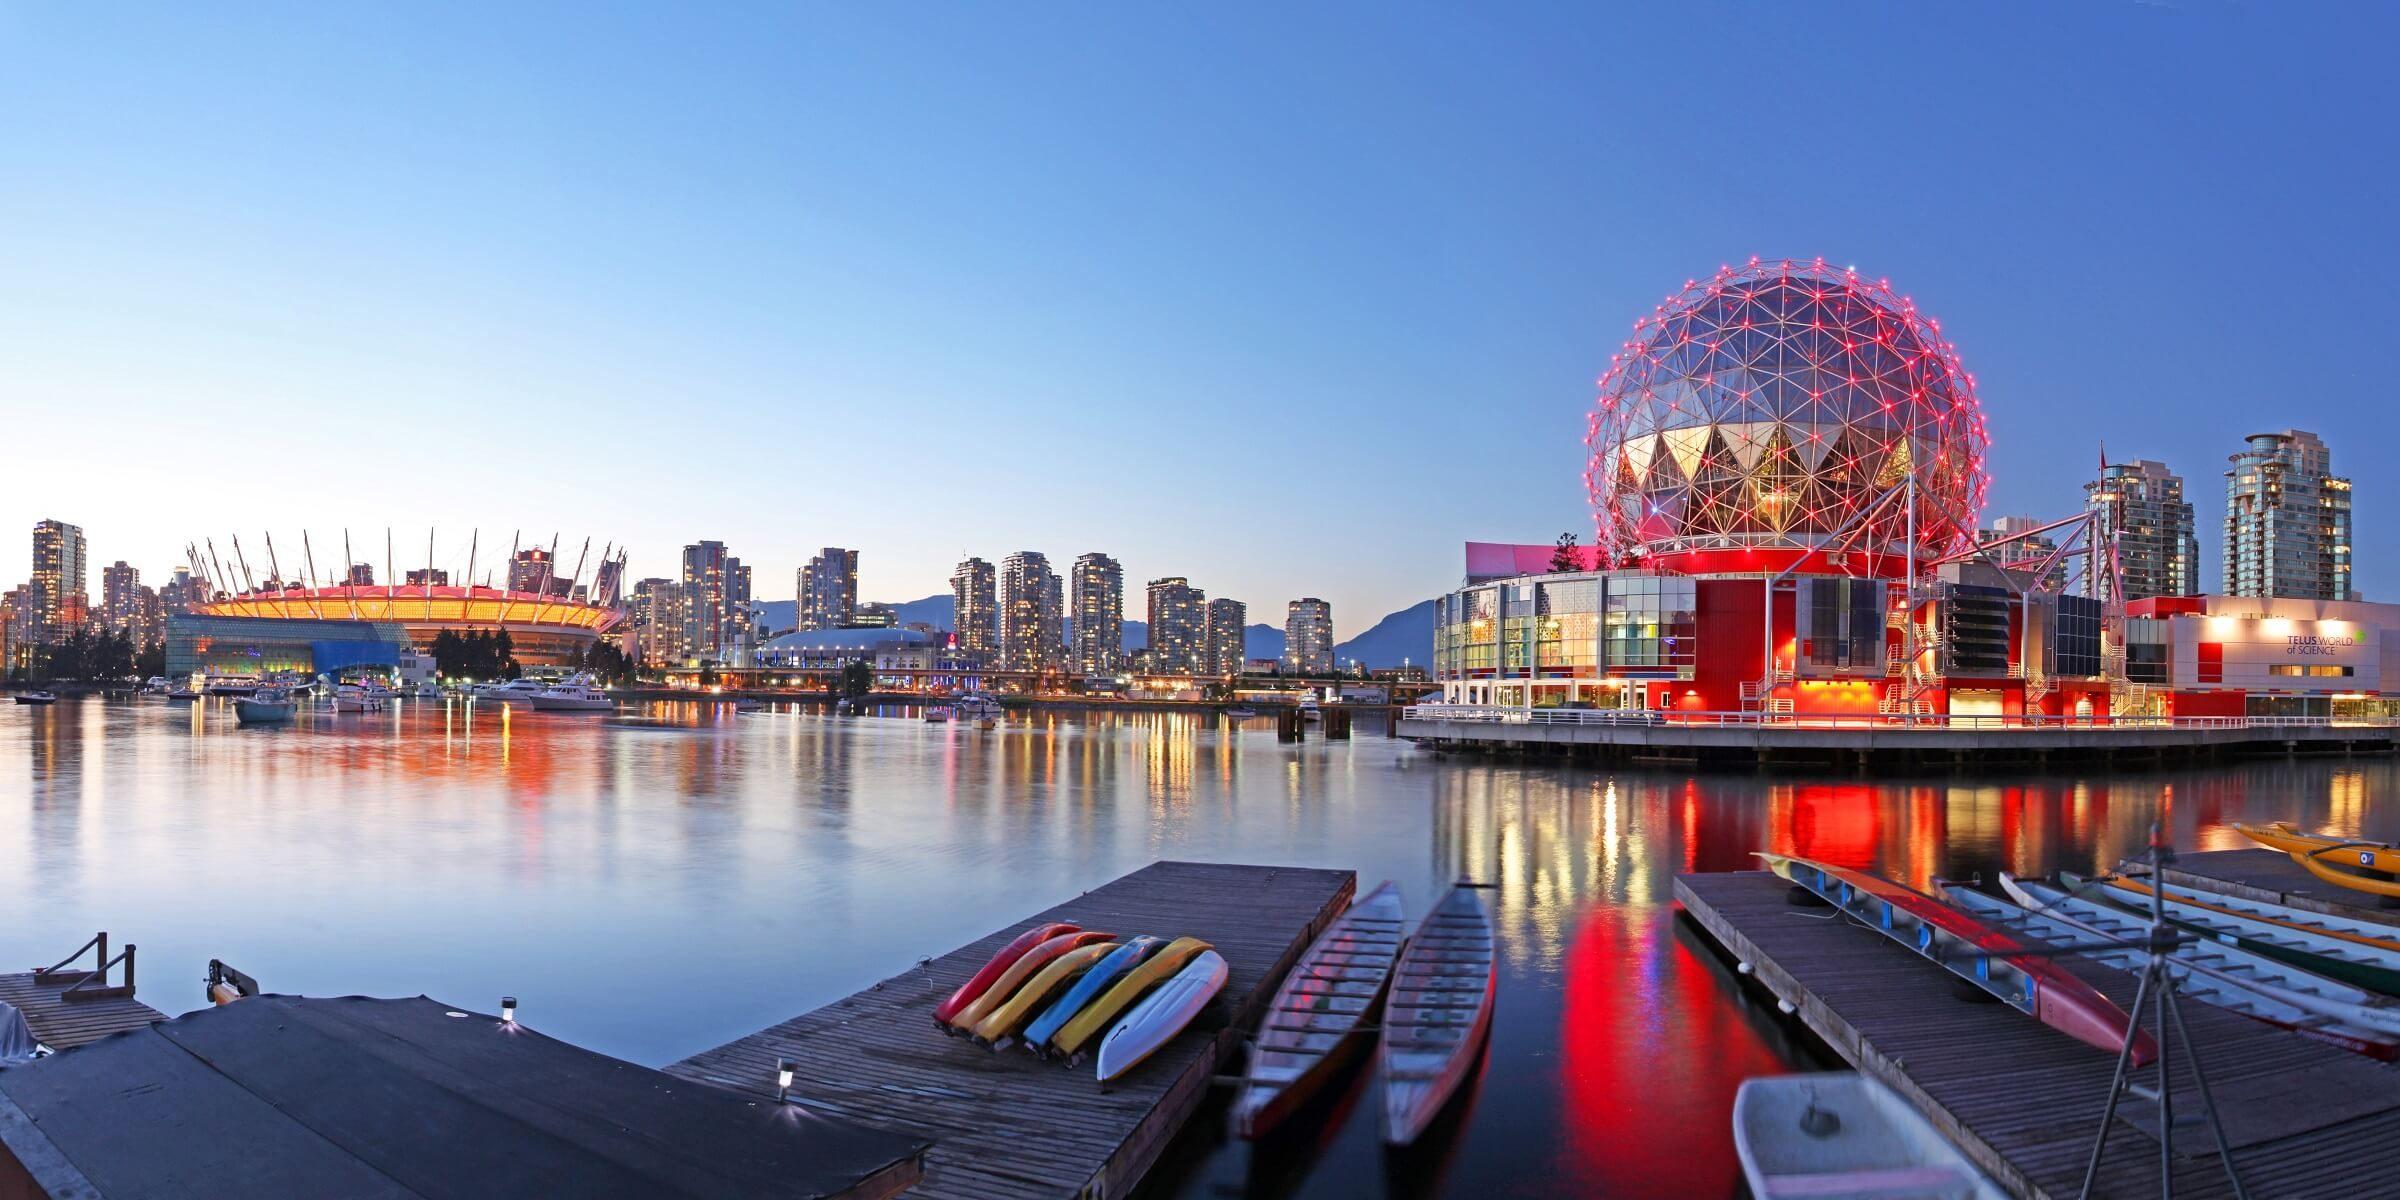 Es geht in Richtung Westen weiter in die Metropole Vancouver.